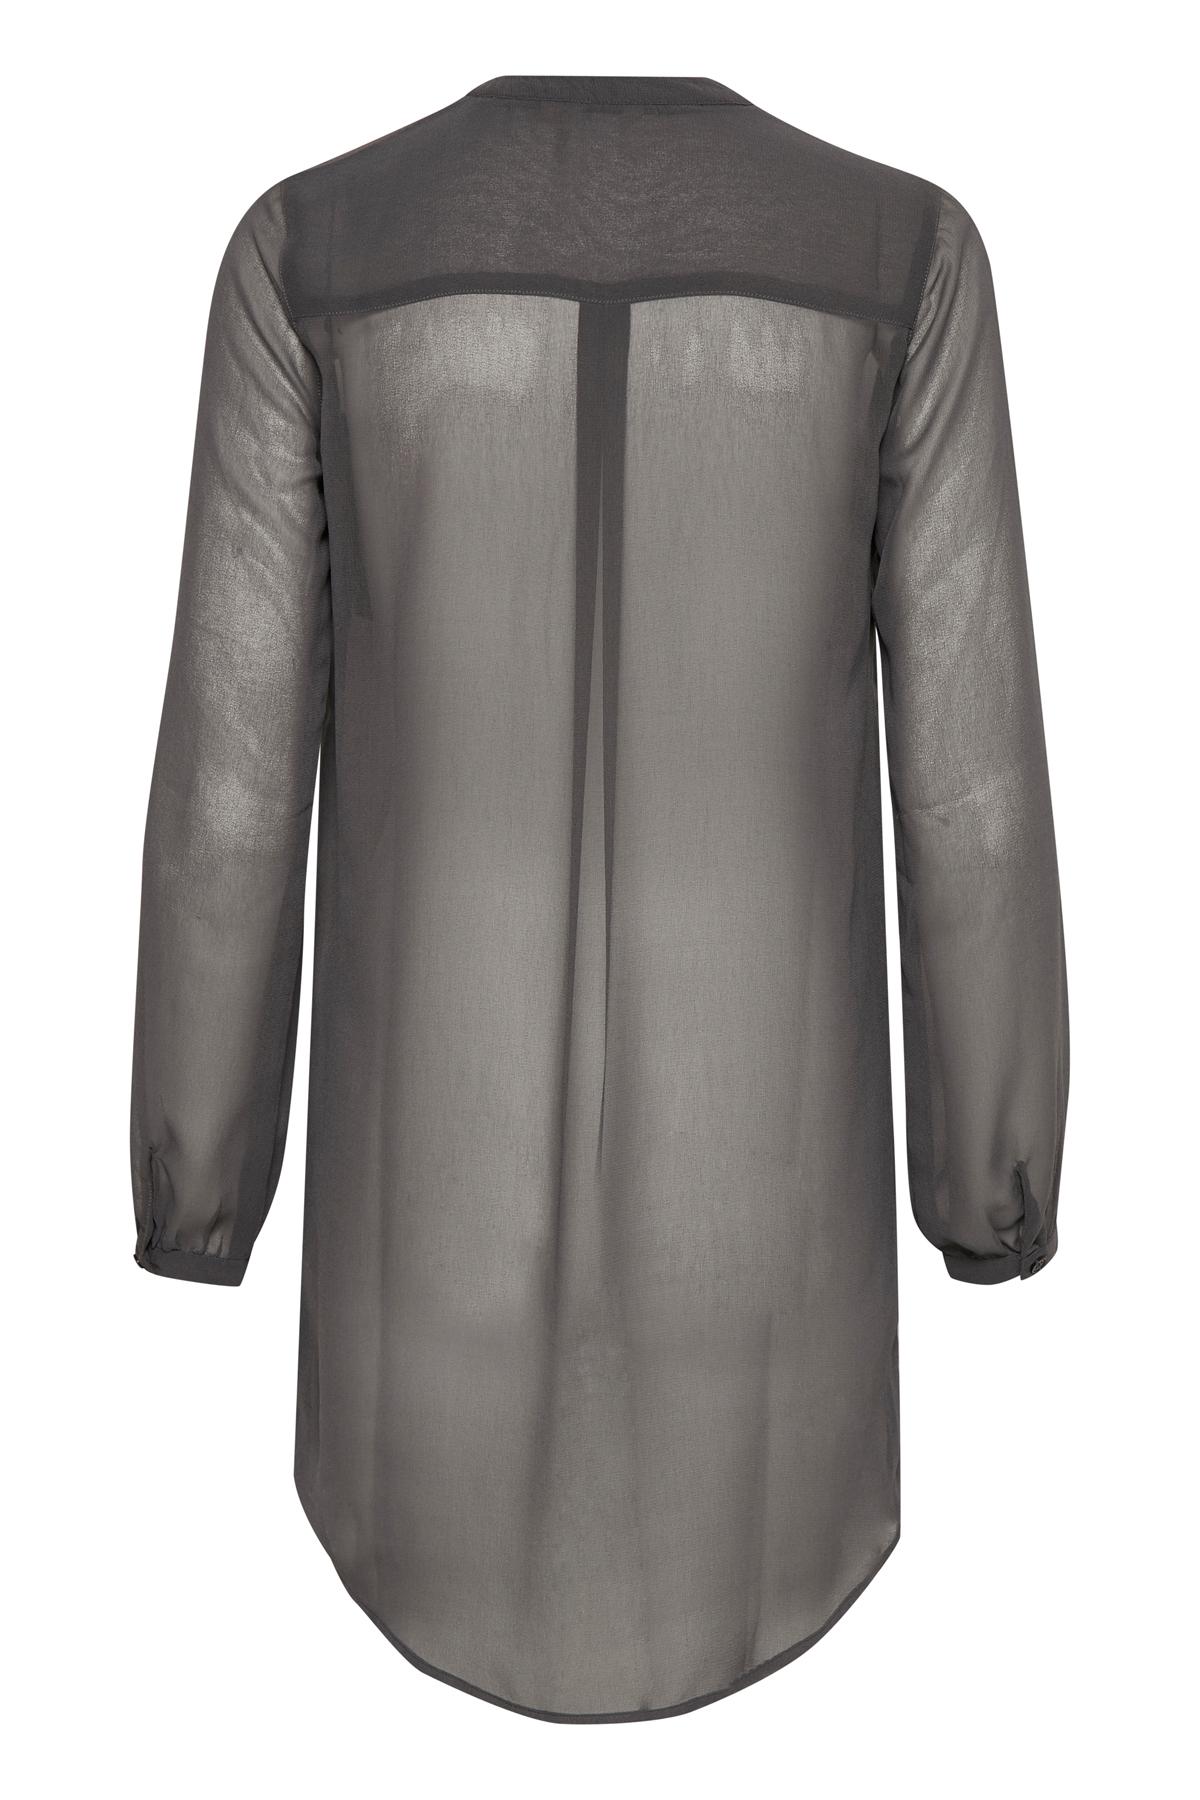 Koksgrå Kjole fra Bon'A Parte – Køb Koksgrå Kjole fra str. S-2XL her